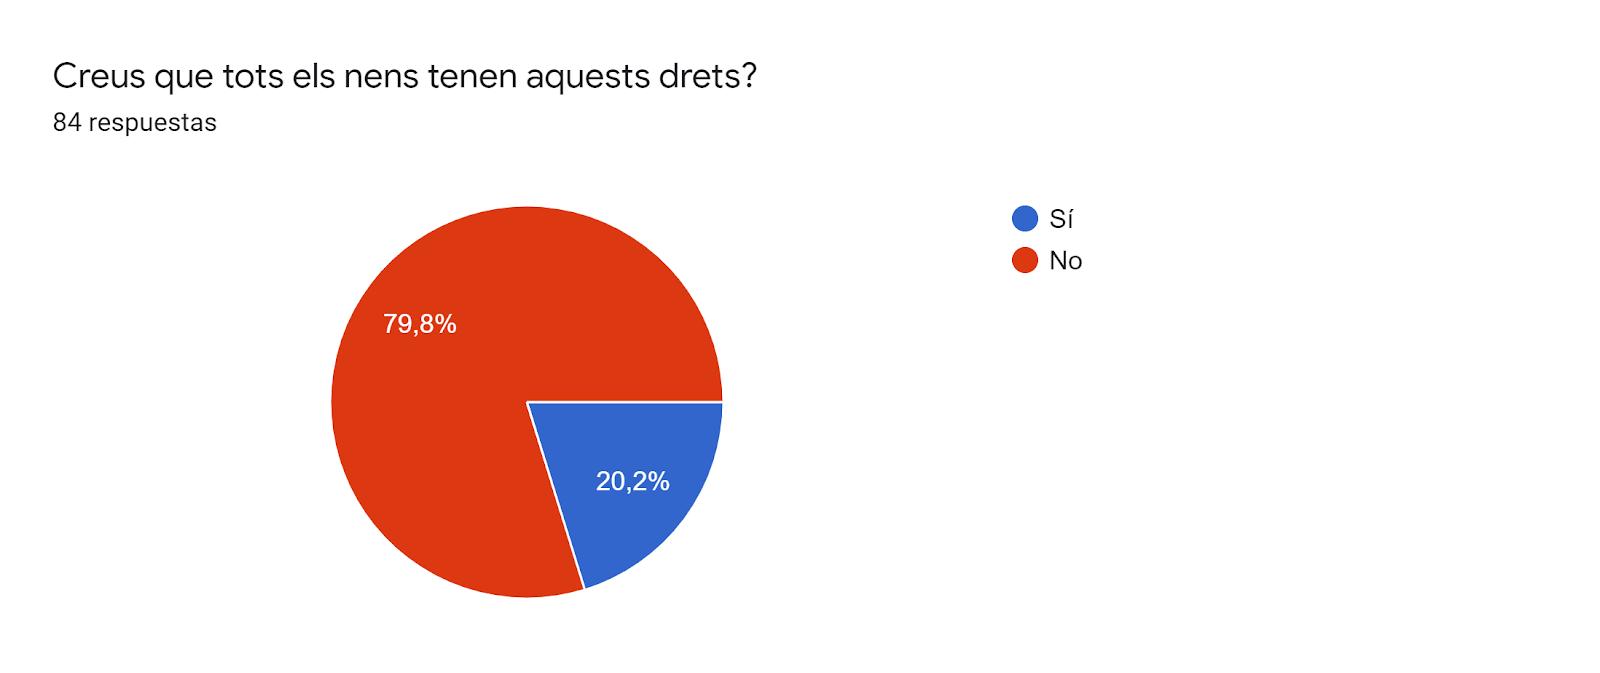 Gráfico de respuestas de formularios. Título de la pregunta:Creus que tots els nens tenen aquests drets?. Número de respuestas:84 respuestas.